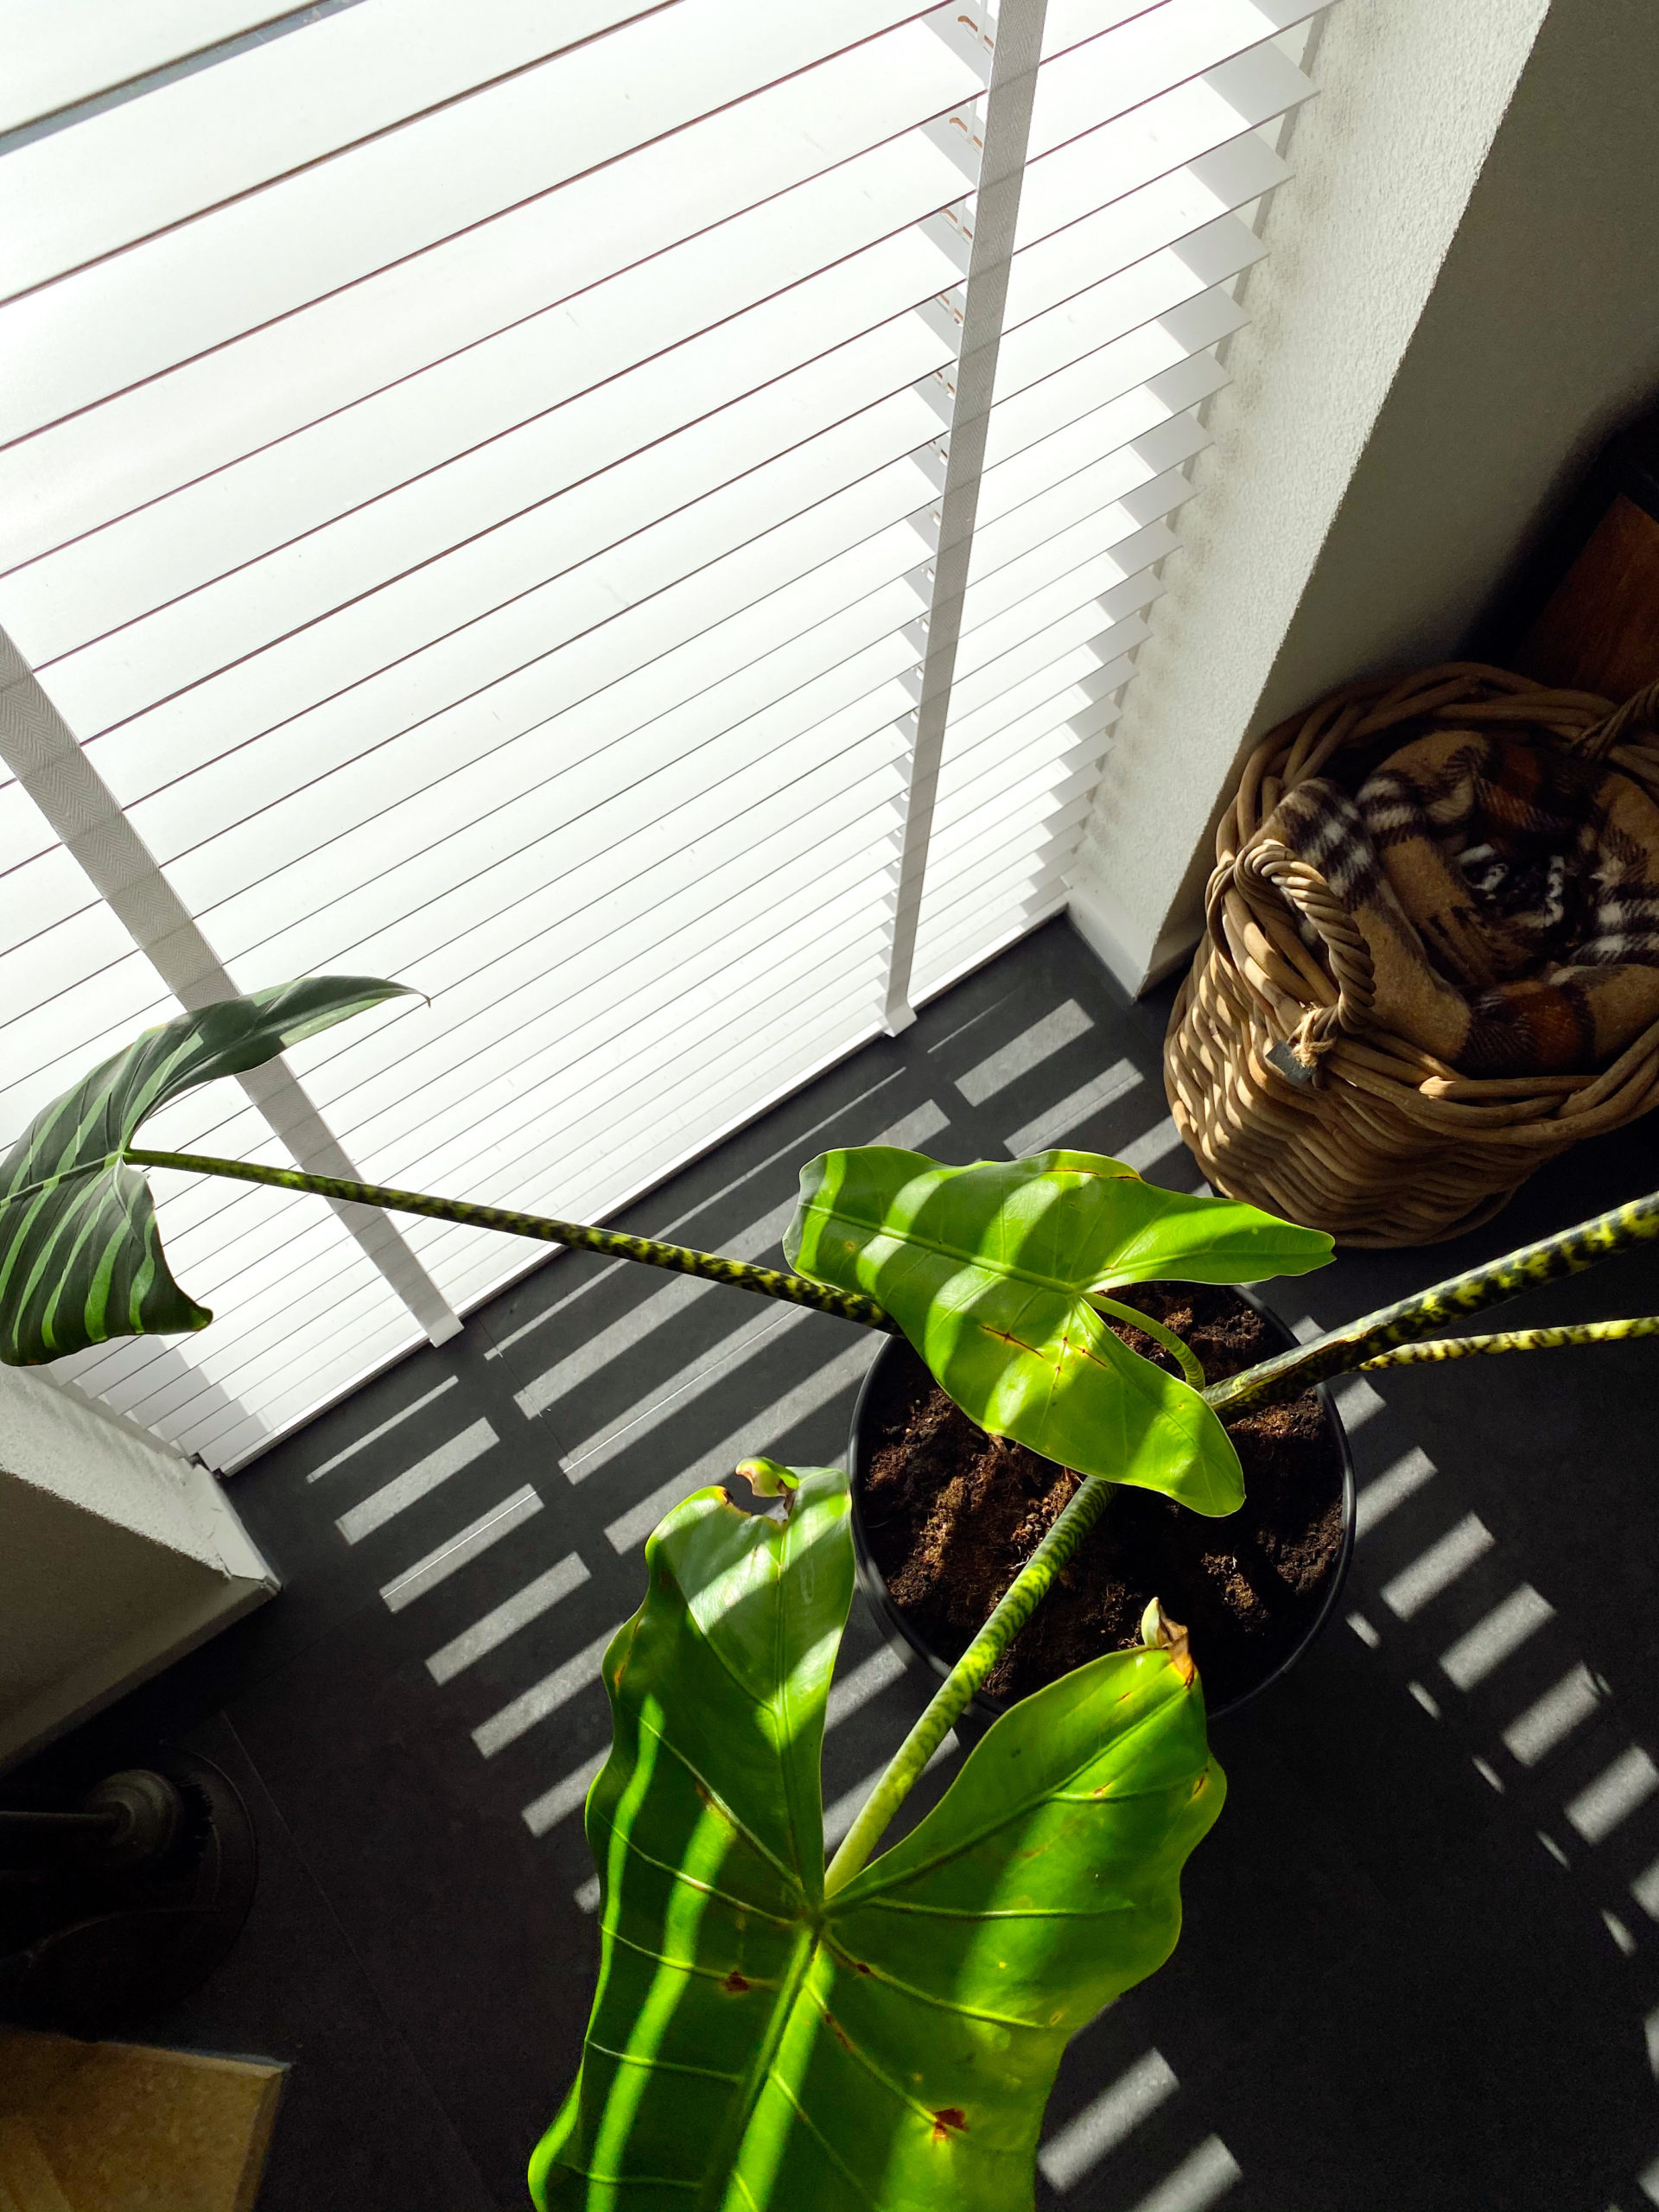 Raamdecoratie van Raamdecoratie.com